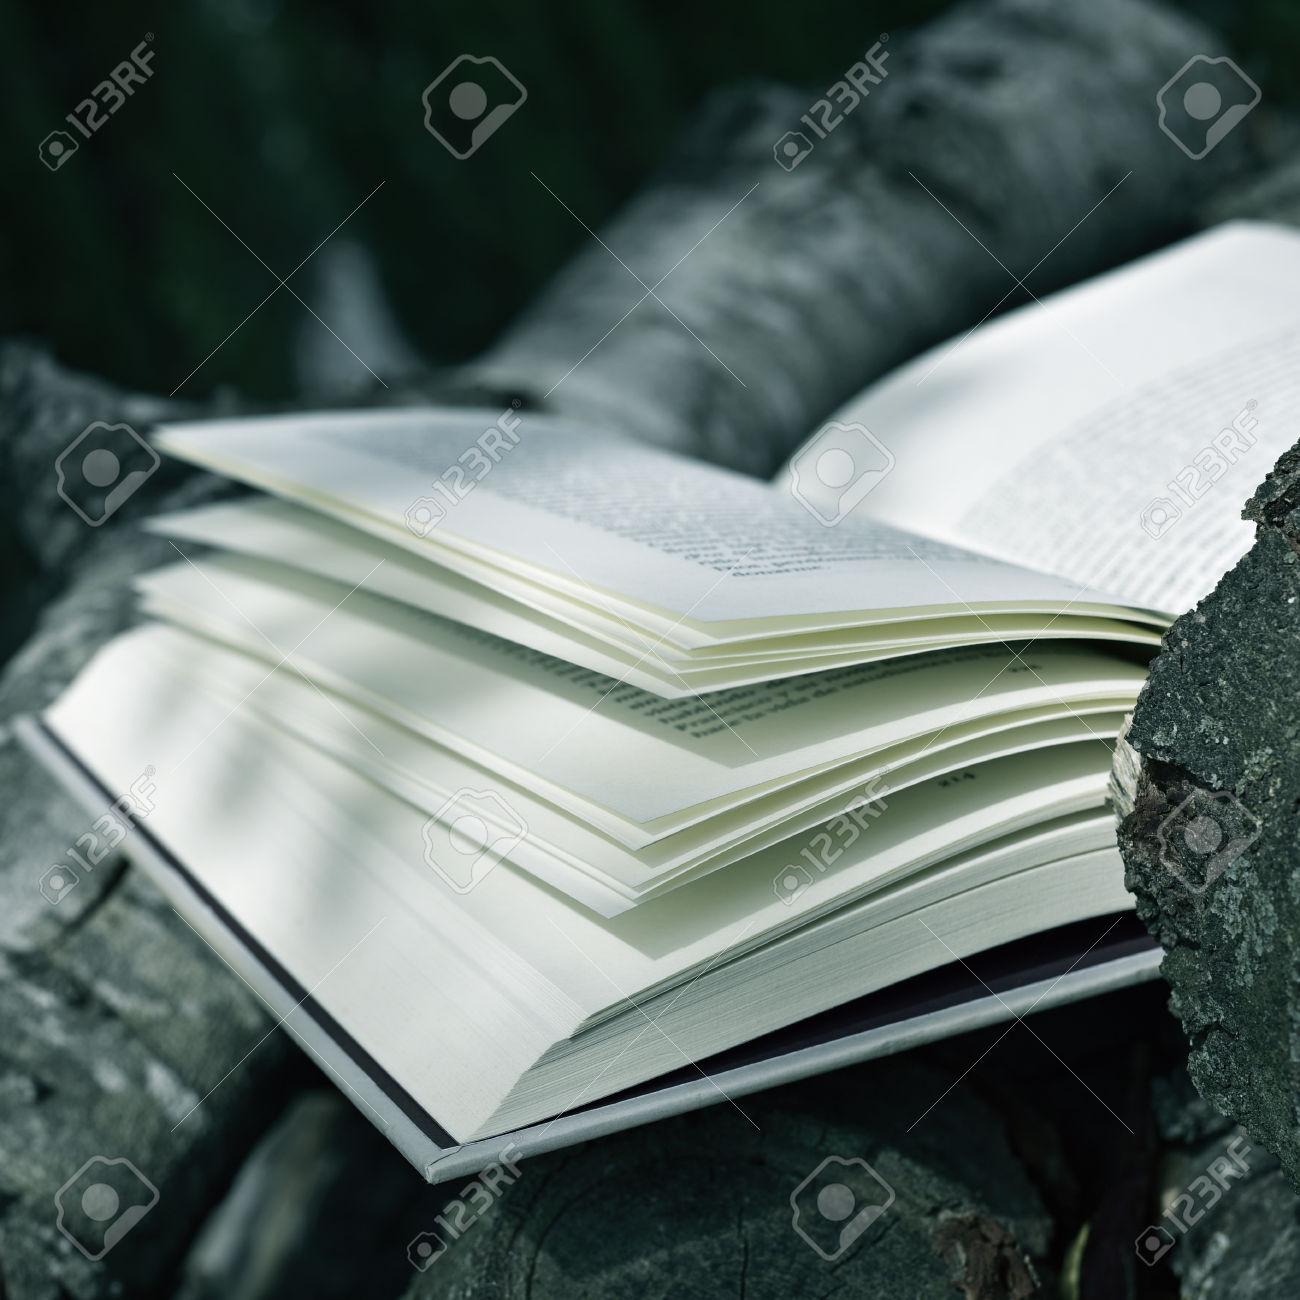 book in a rustic scenery